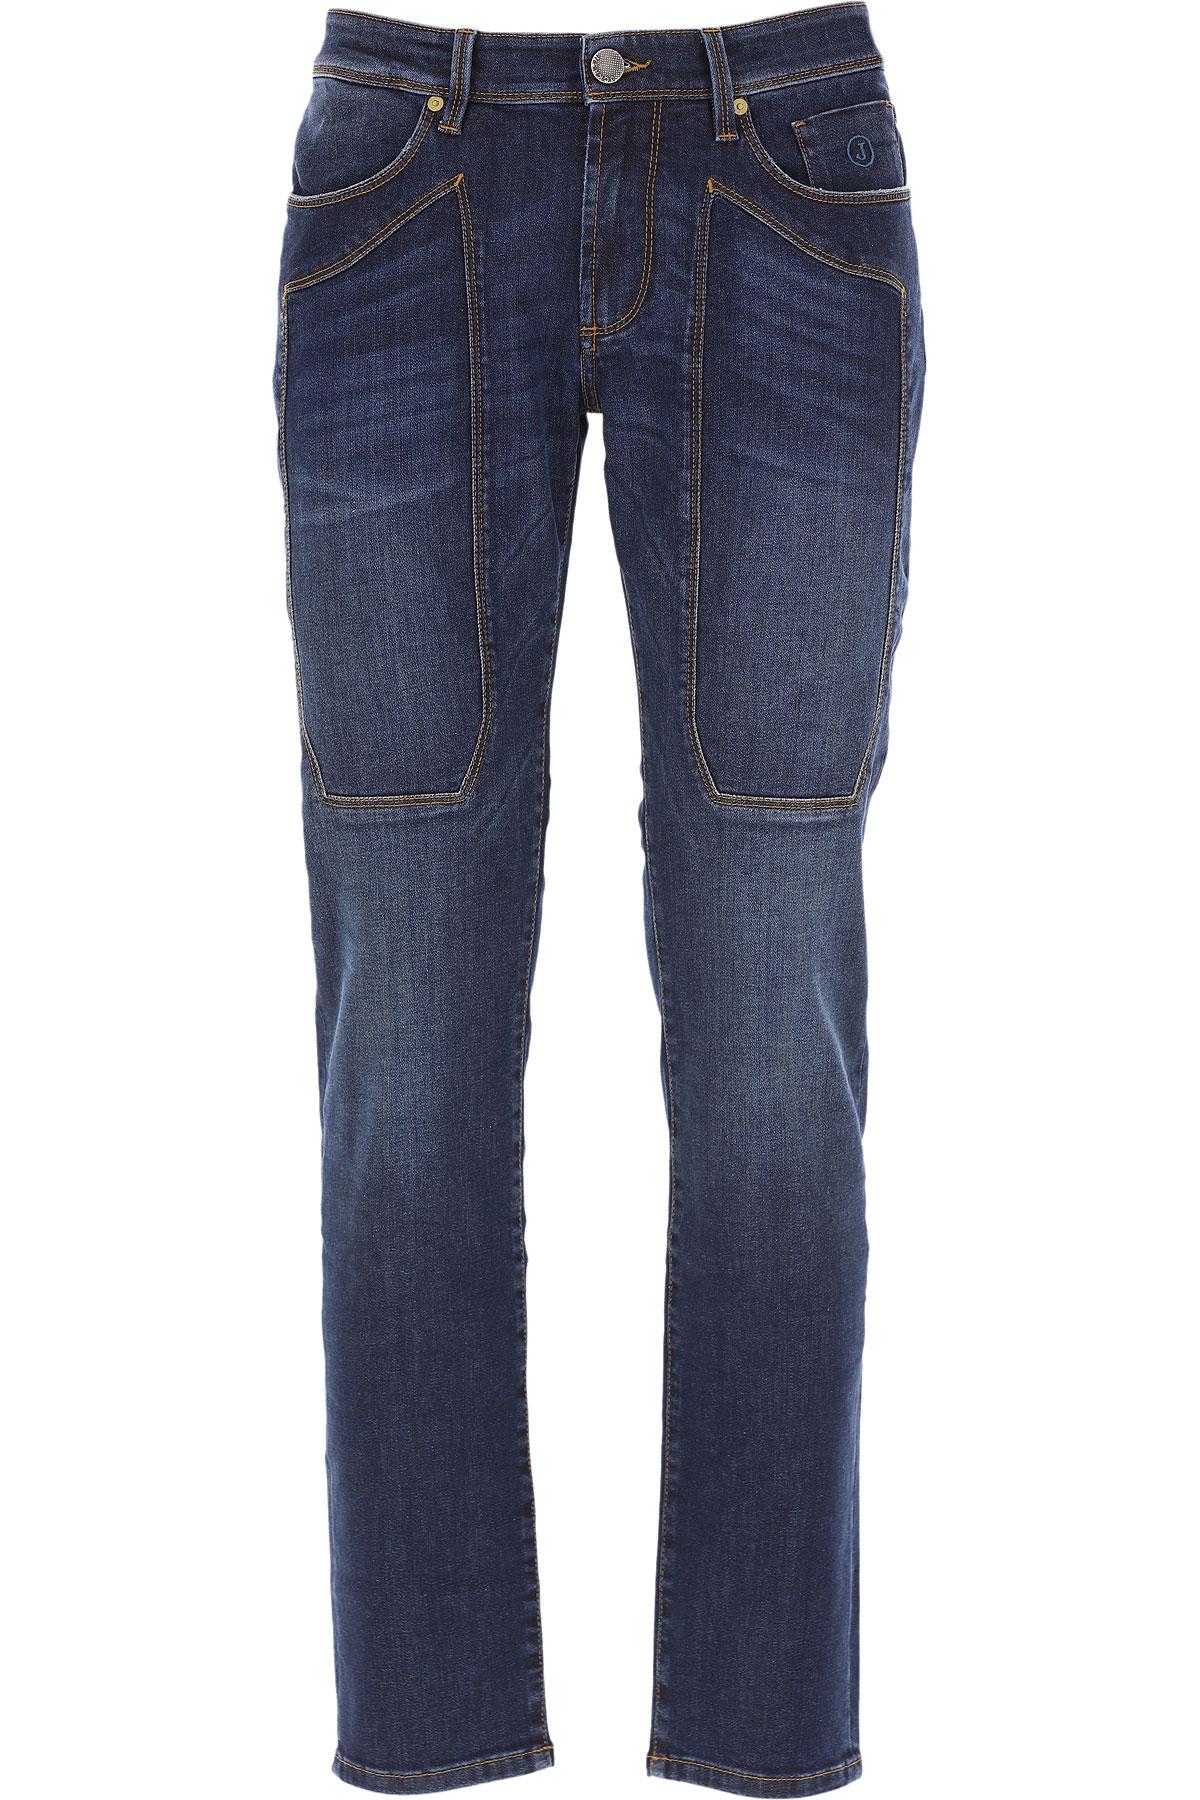 Jeckerson Jeans On Sale, Dark Blue, Cotton, 2019, 30 31 32 33 34 35 38 40